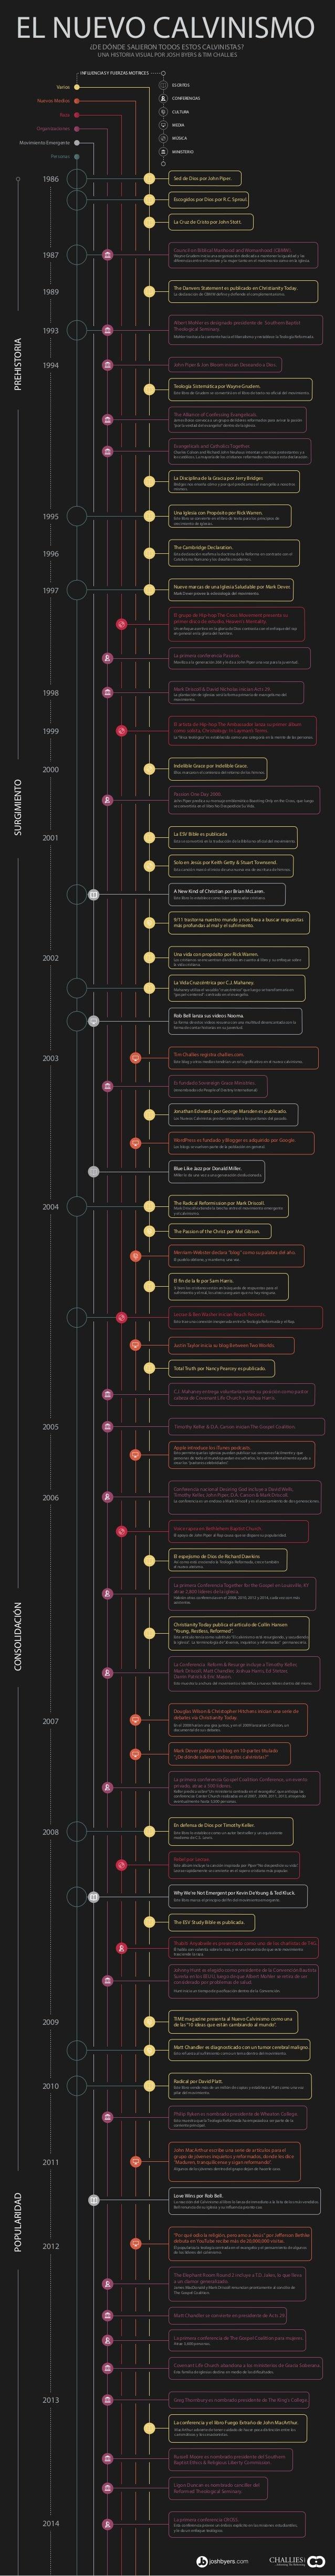 EL NUEVO CALVINISMO¿DE DÓNDE SALIERON TODOS ESTOS CALVINISTAS? UNA HISTORIA VISUAL POR JOSH BYERS & TIM CHALLIES 1986 1987...